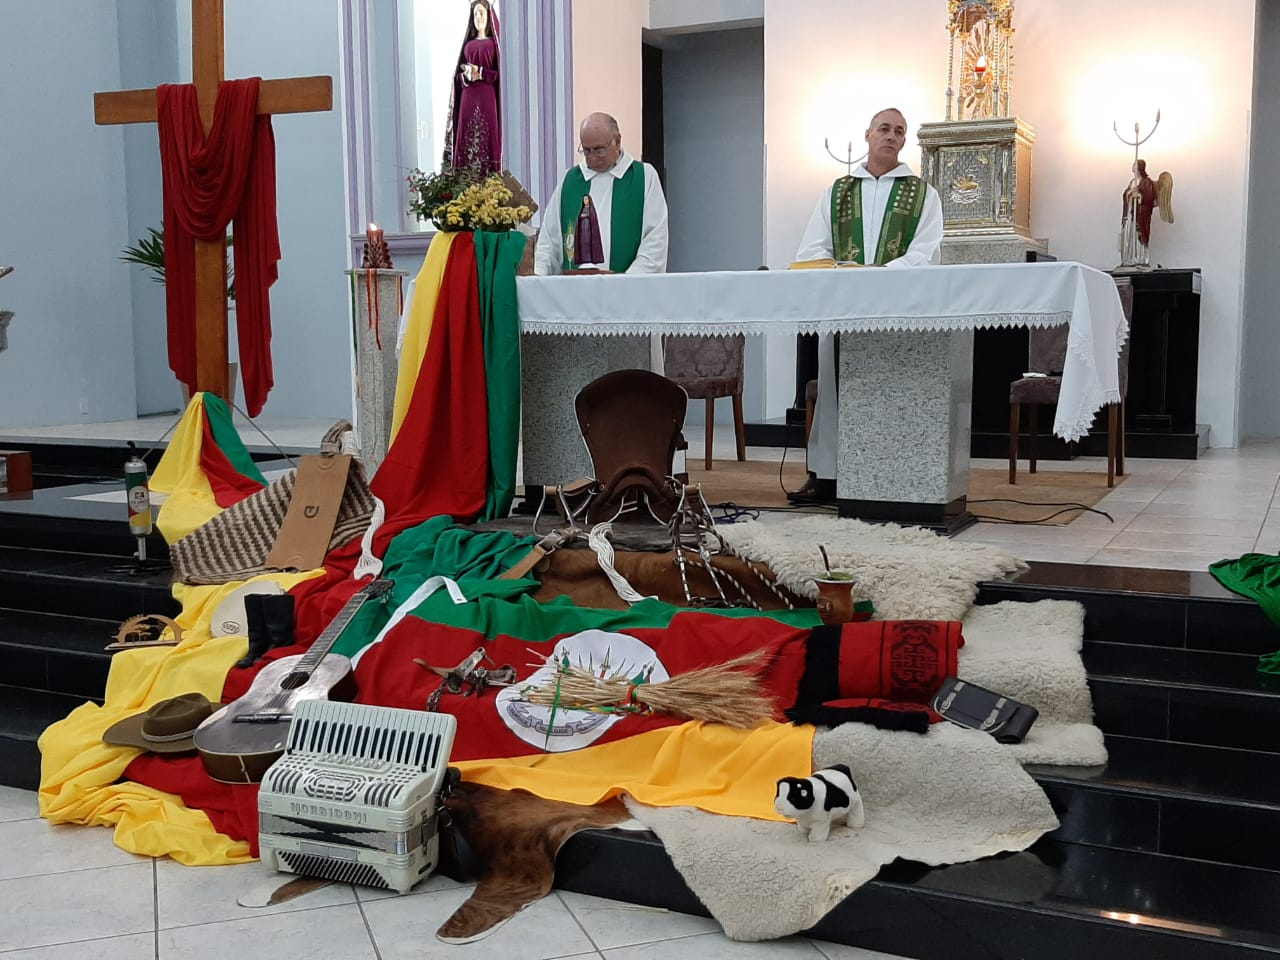 Com Missa Crioula, Semana Farroupilha é encerrada em Soledade